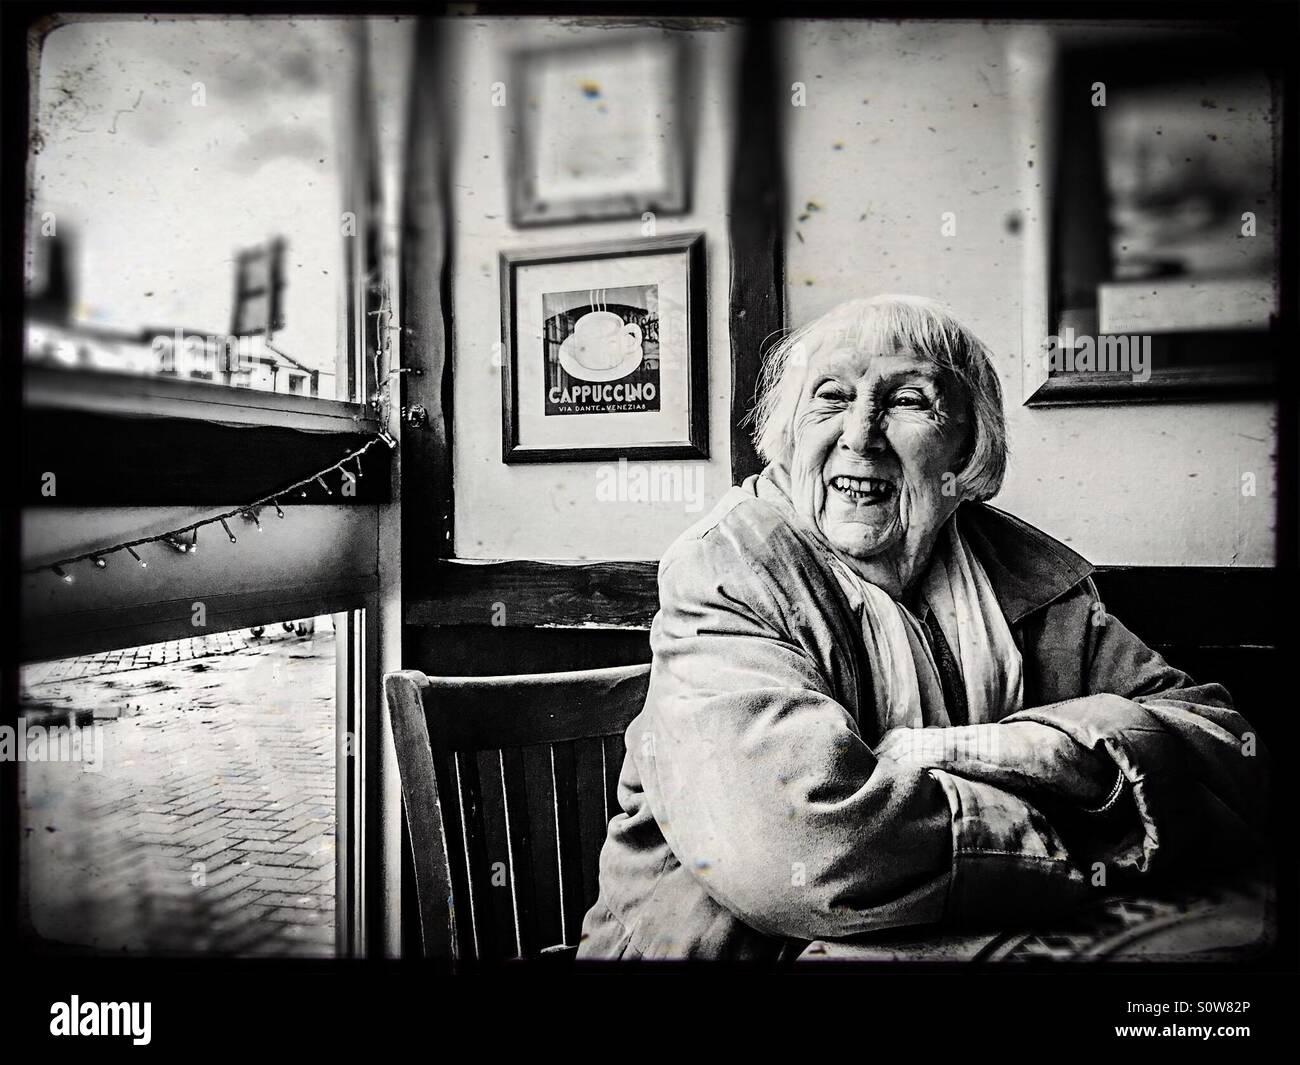 La abuela mirando por la ventana Imagen De Stock